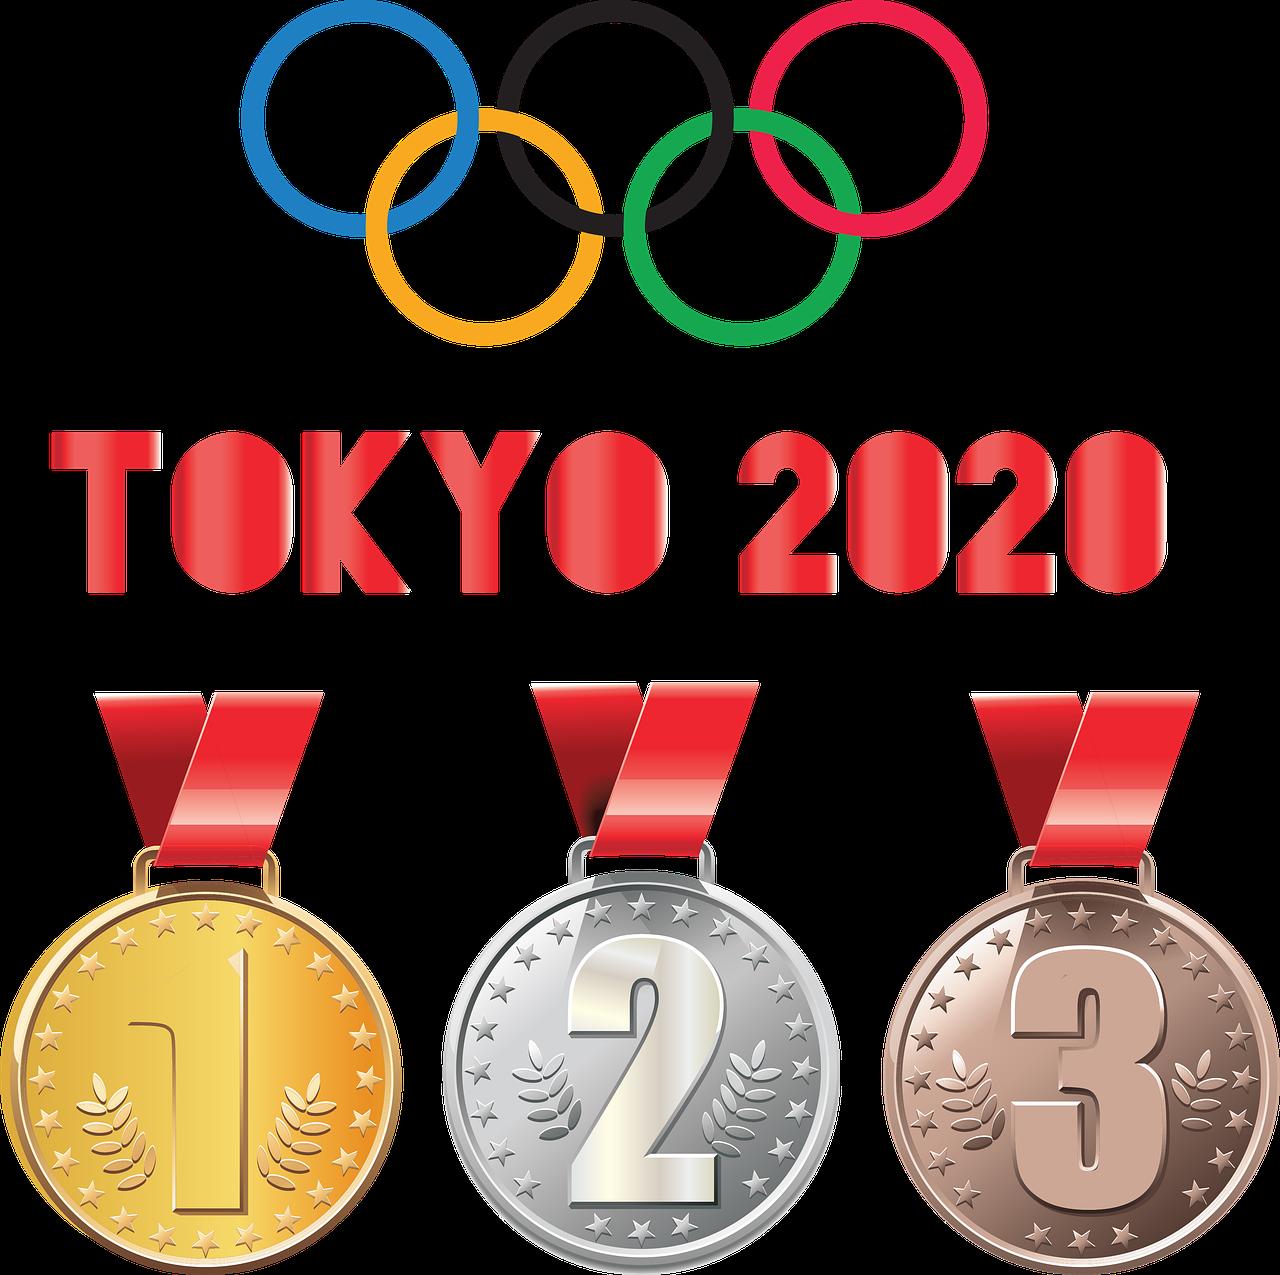 Igrzyska Olimpijskie Tokyo 2020 - czy będzie nowa data?